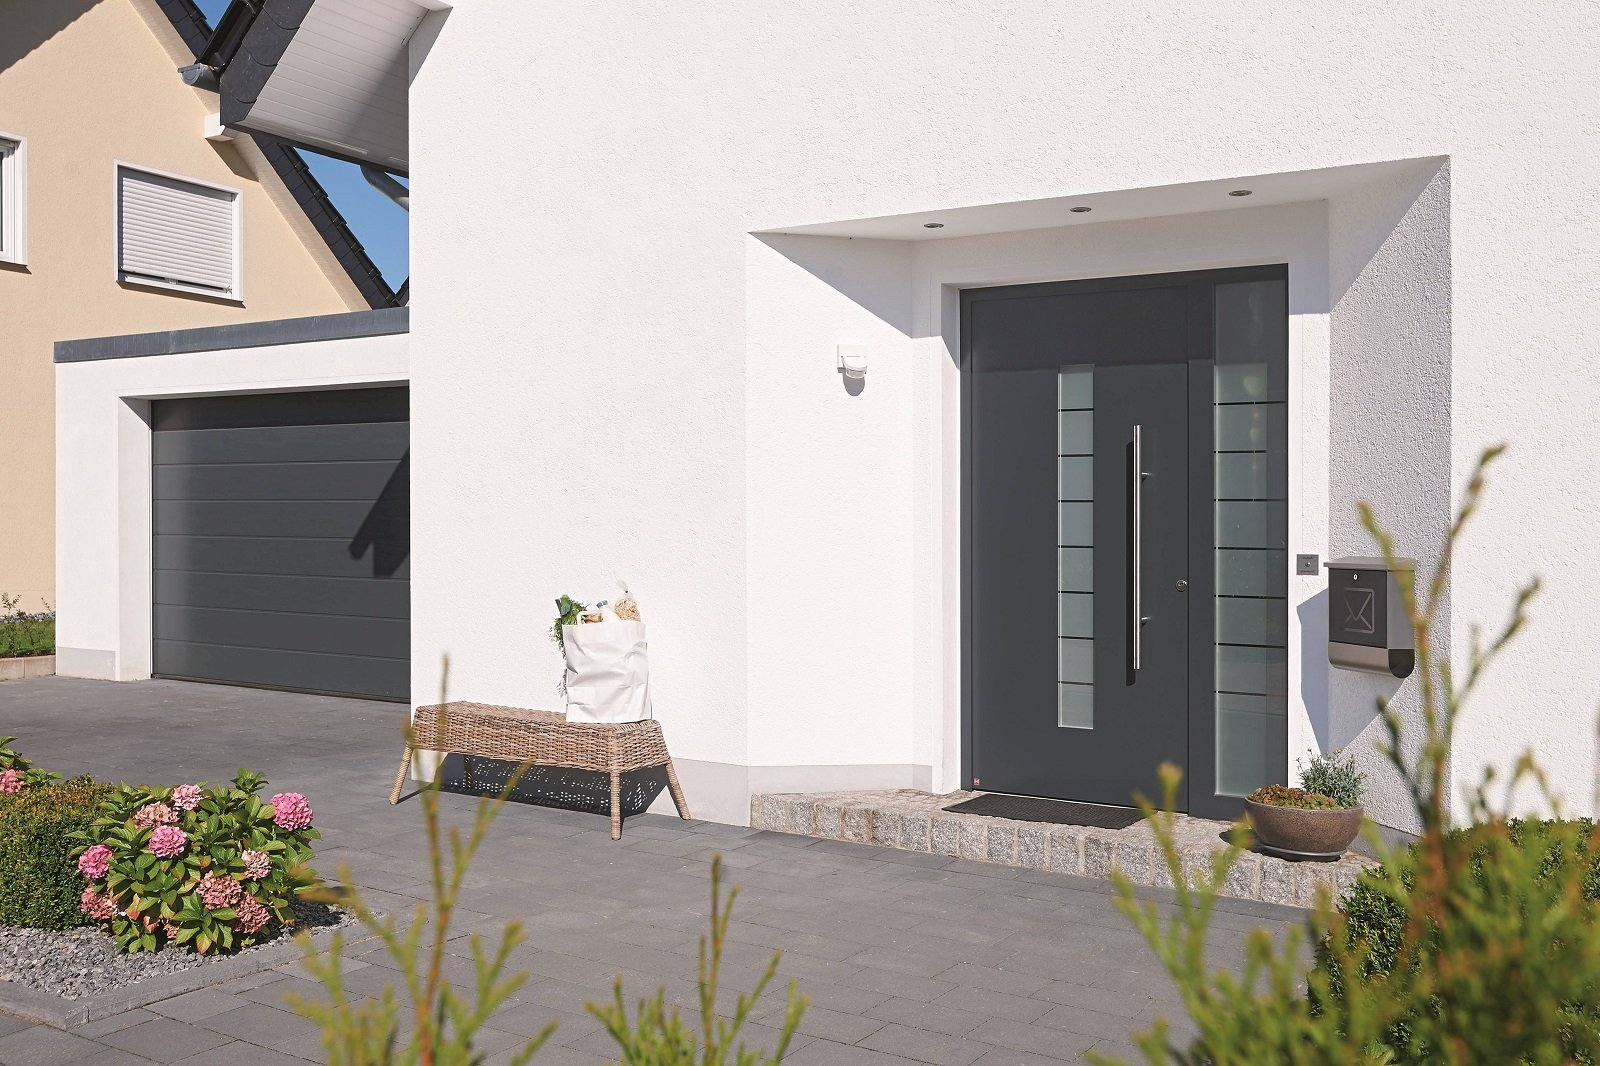 Illuminazione Portone Ingresso : La porta d ingresso ben isolata è molto meglio cose di casa